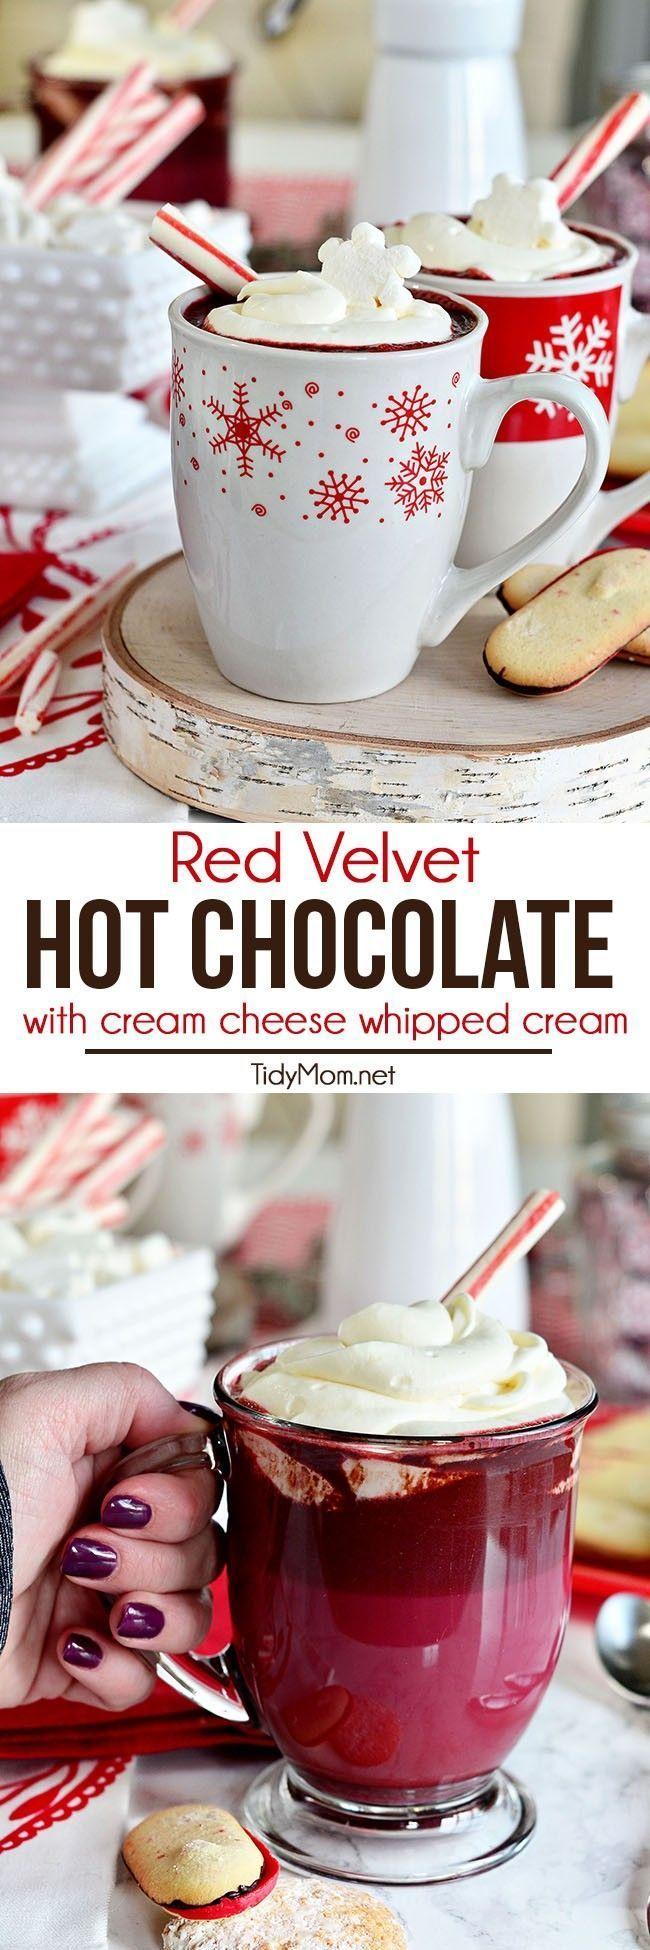 #redvelvet #chocolate #hotchocolate